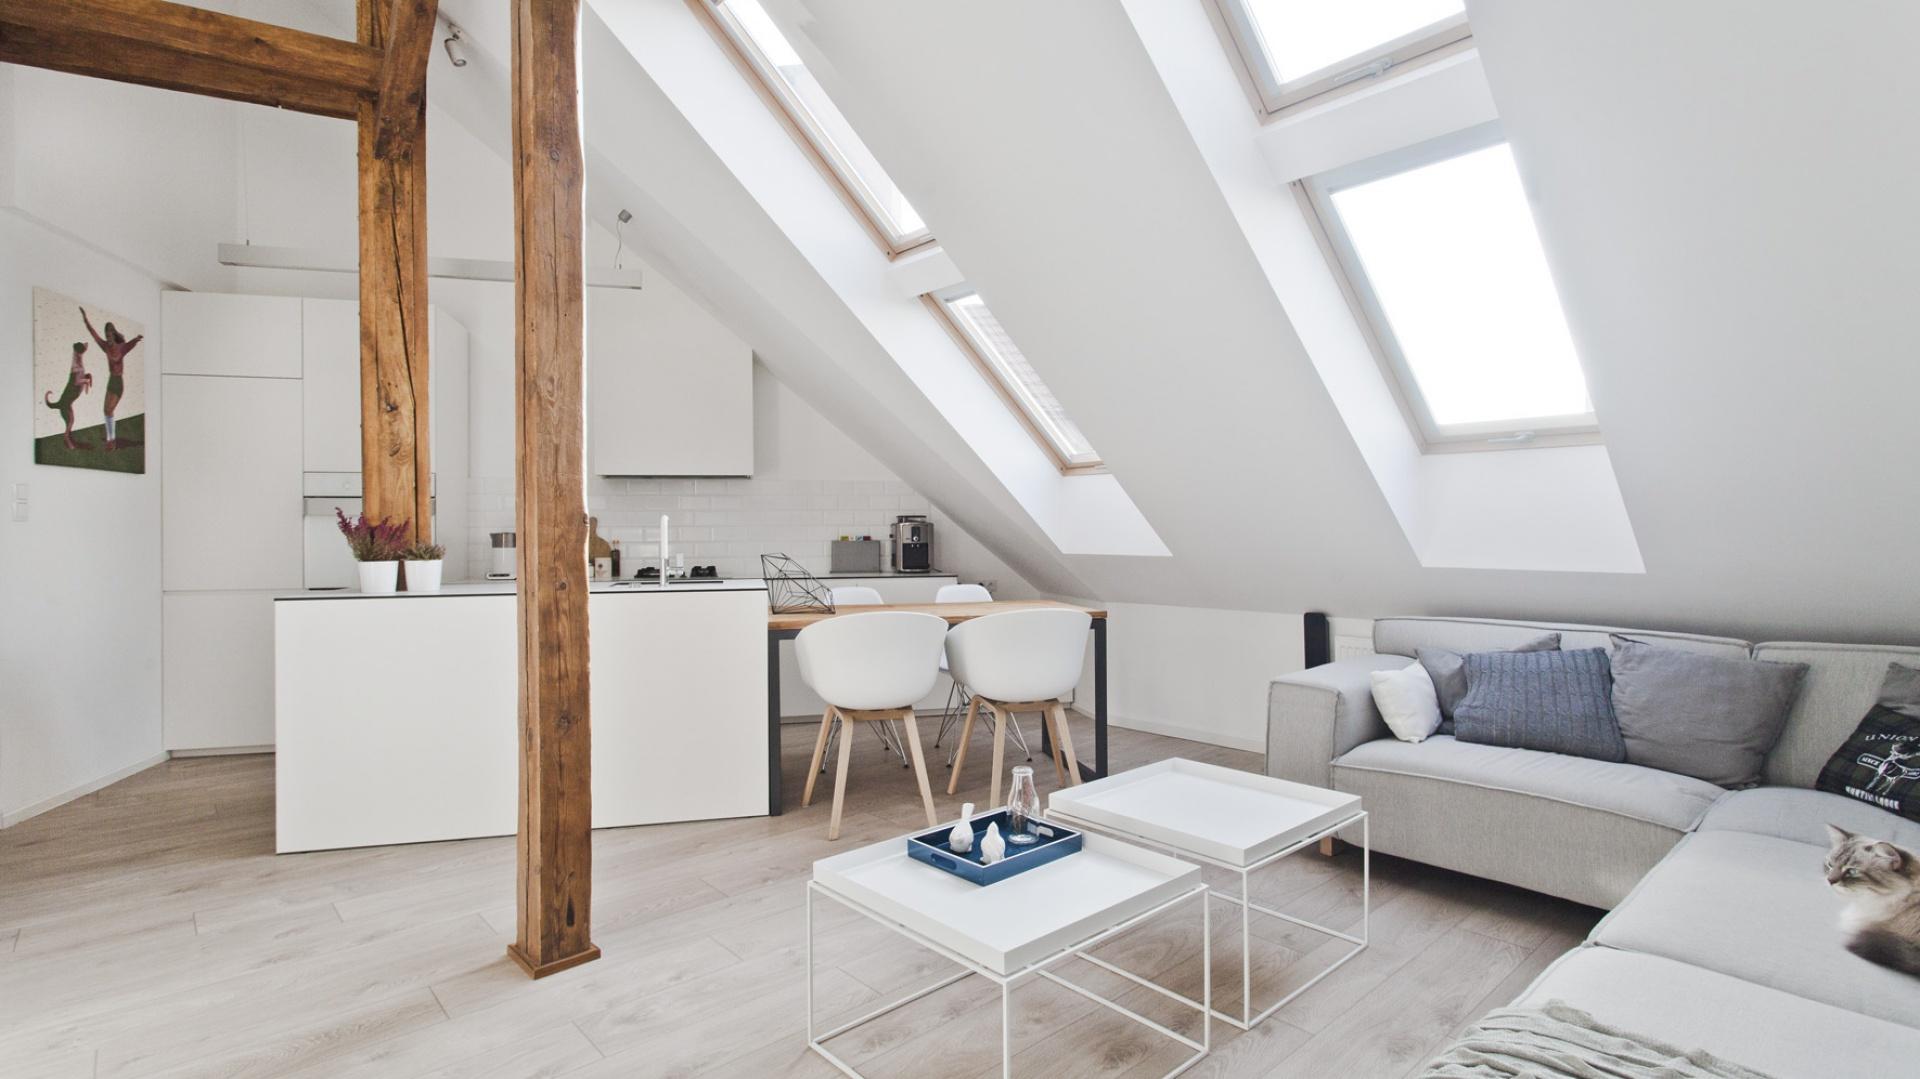 Wnętrze rozświetlają liczne okna połaciowe. Wpadające przez nie światło odbija się od białych ścian i mebli. Projekt: Superpozycja architekci. Fot. Przemek Skóra.